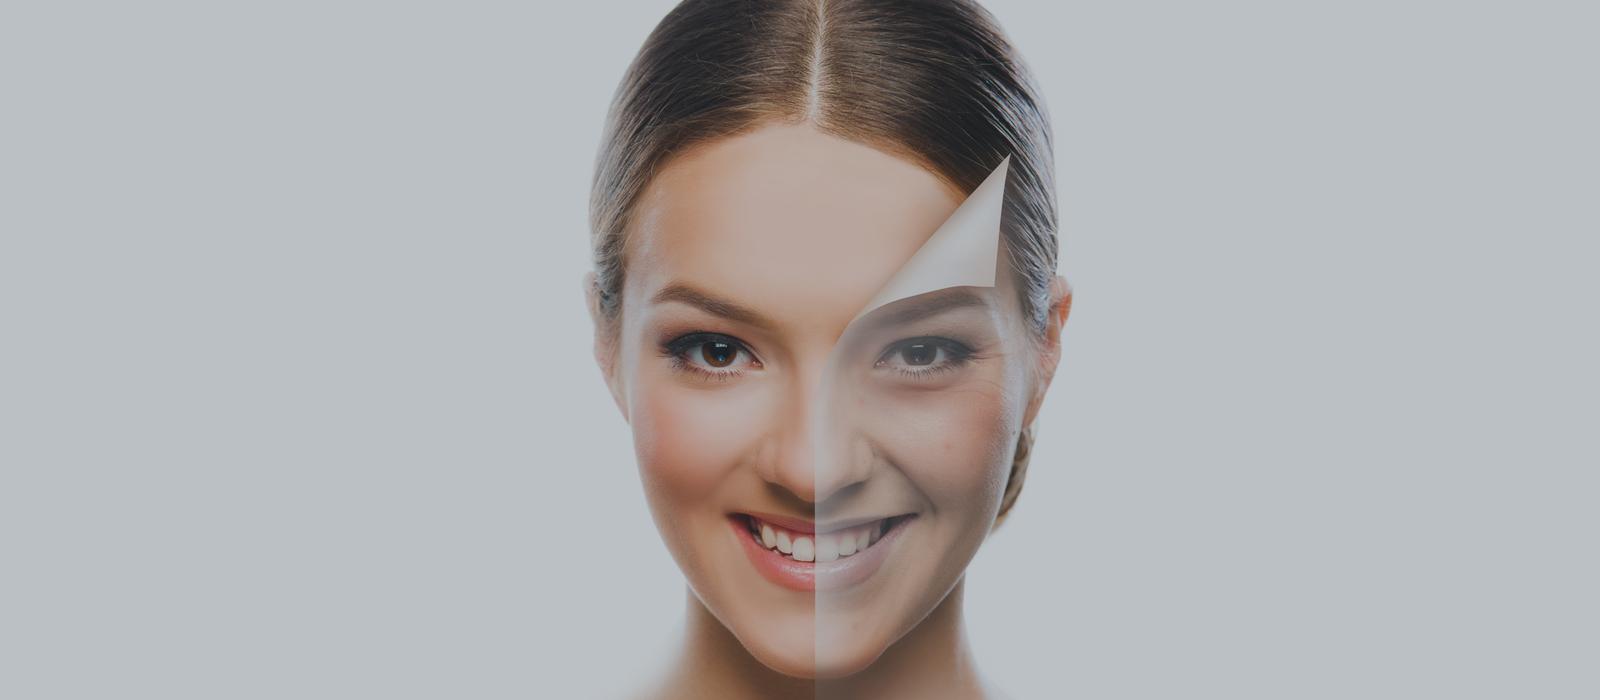 Chemical Peels Versus Laser Peels